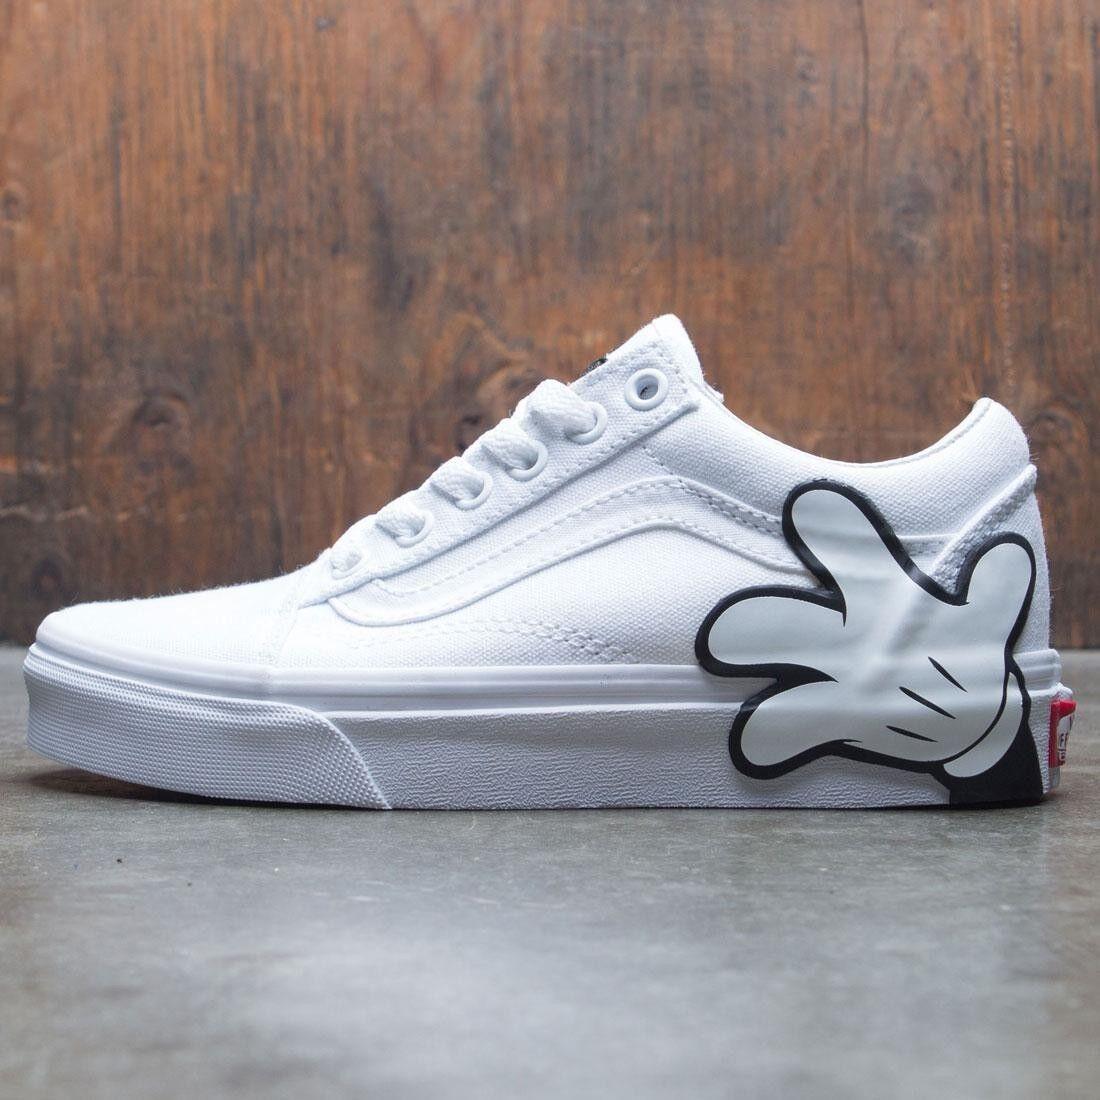 Vans Old Skool Disney Mickey True bianca Skate scarpe Uomo Uomo Uomo 3.5 Donna  5 131308